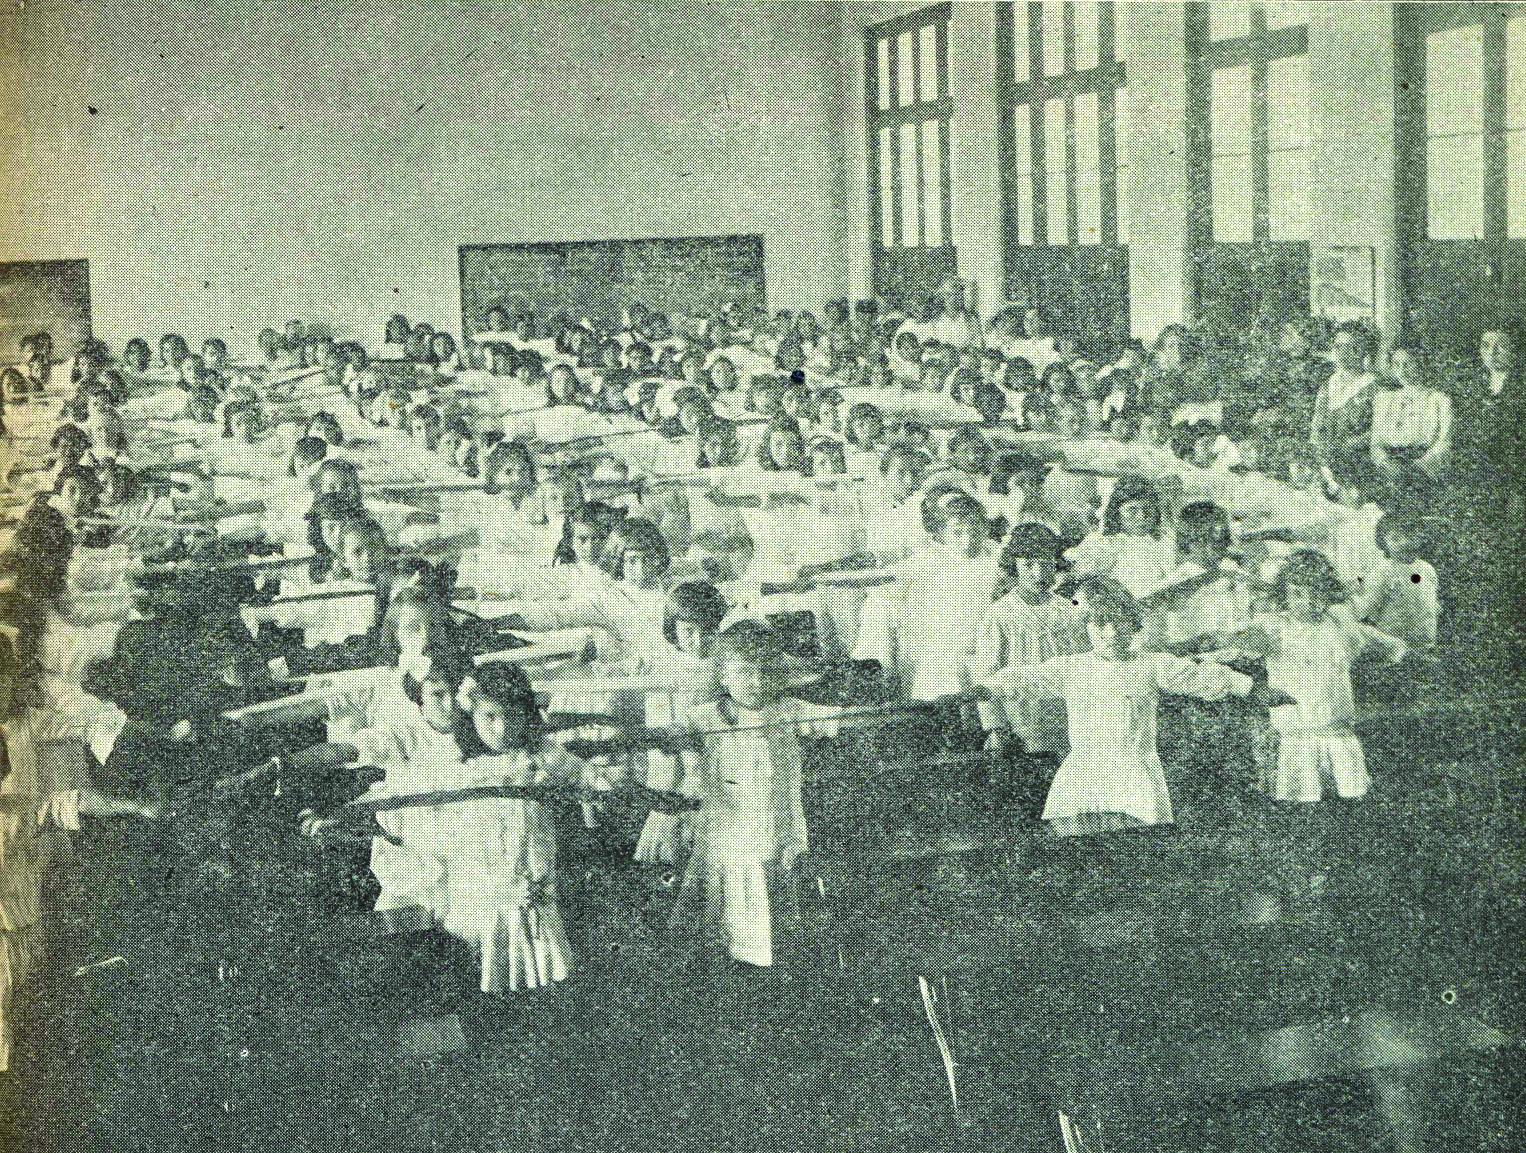 Alunos do Grupo Dr. Xavier da Silva fazendo exercícios em sala de aula -1916.